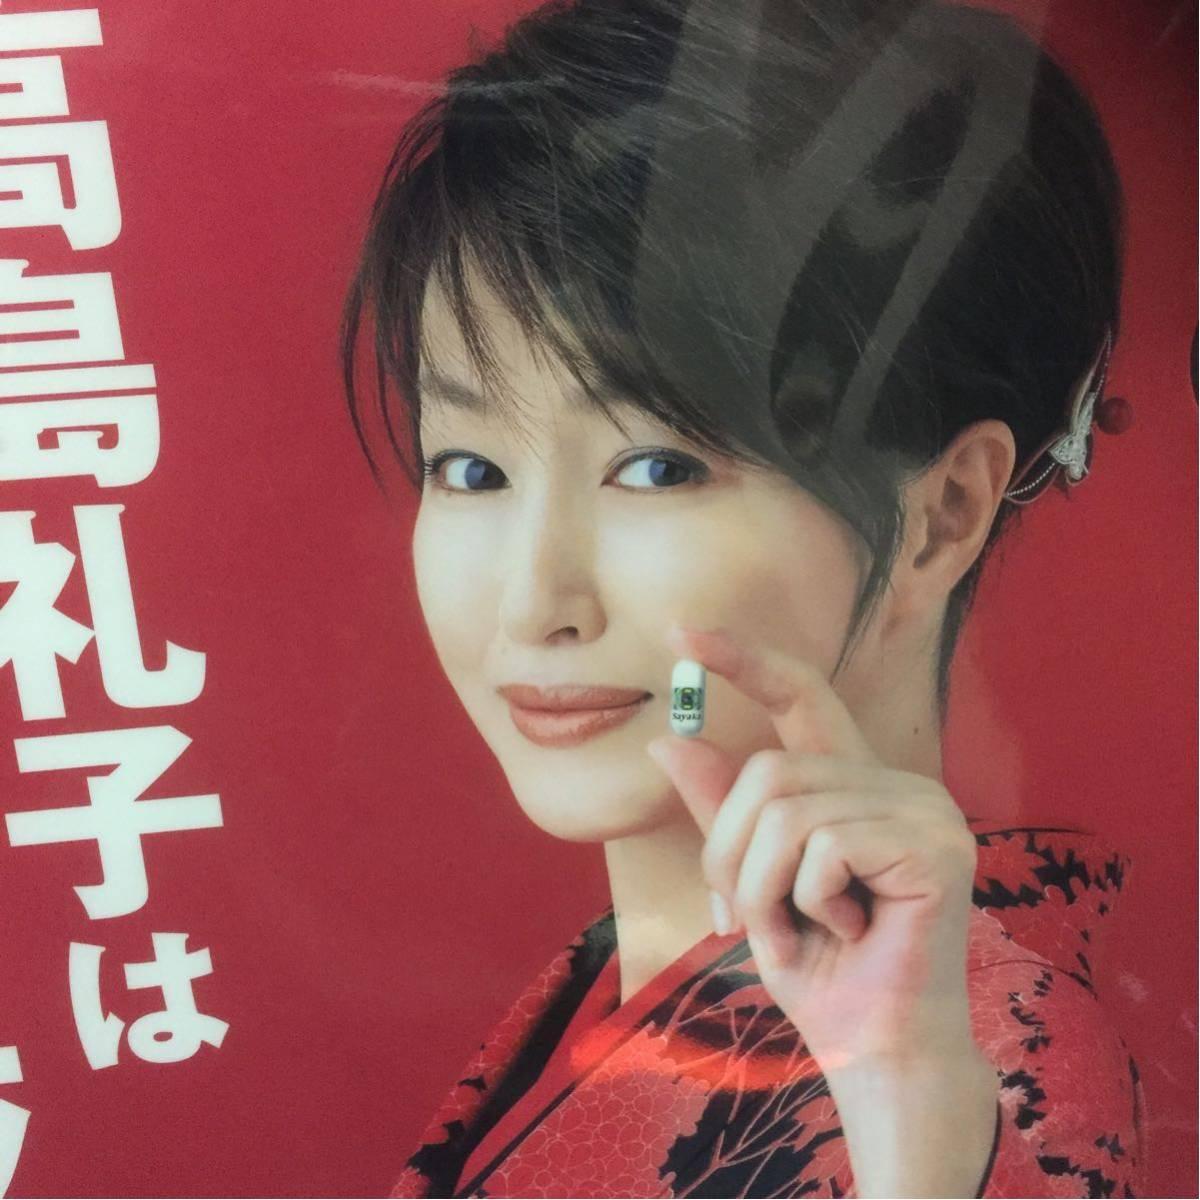 高島礼子さんの画像その4